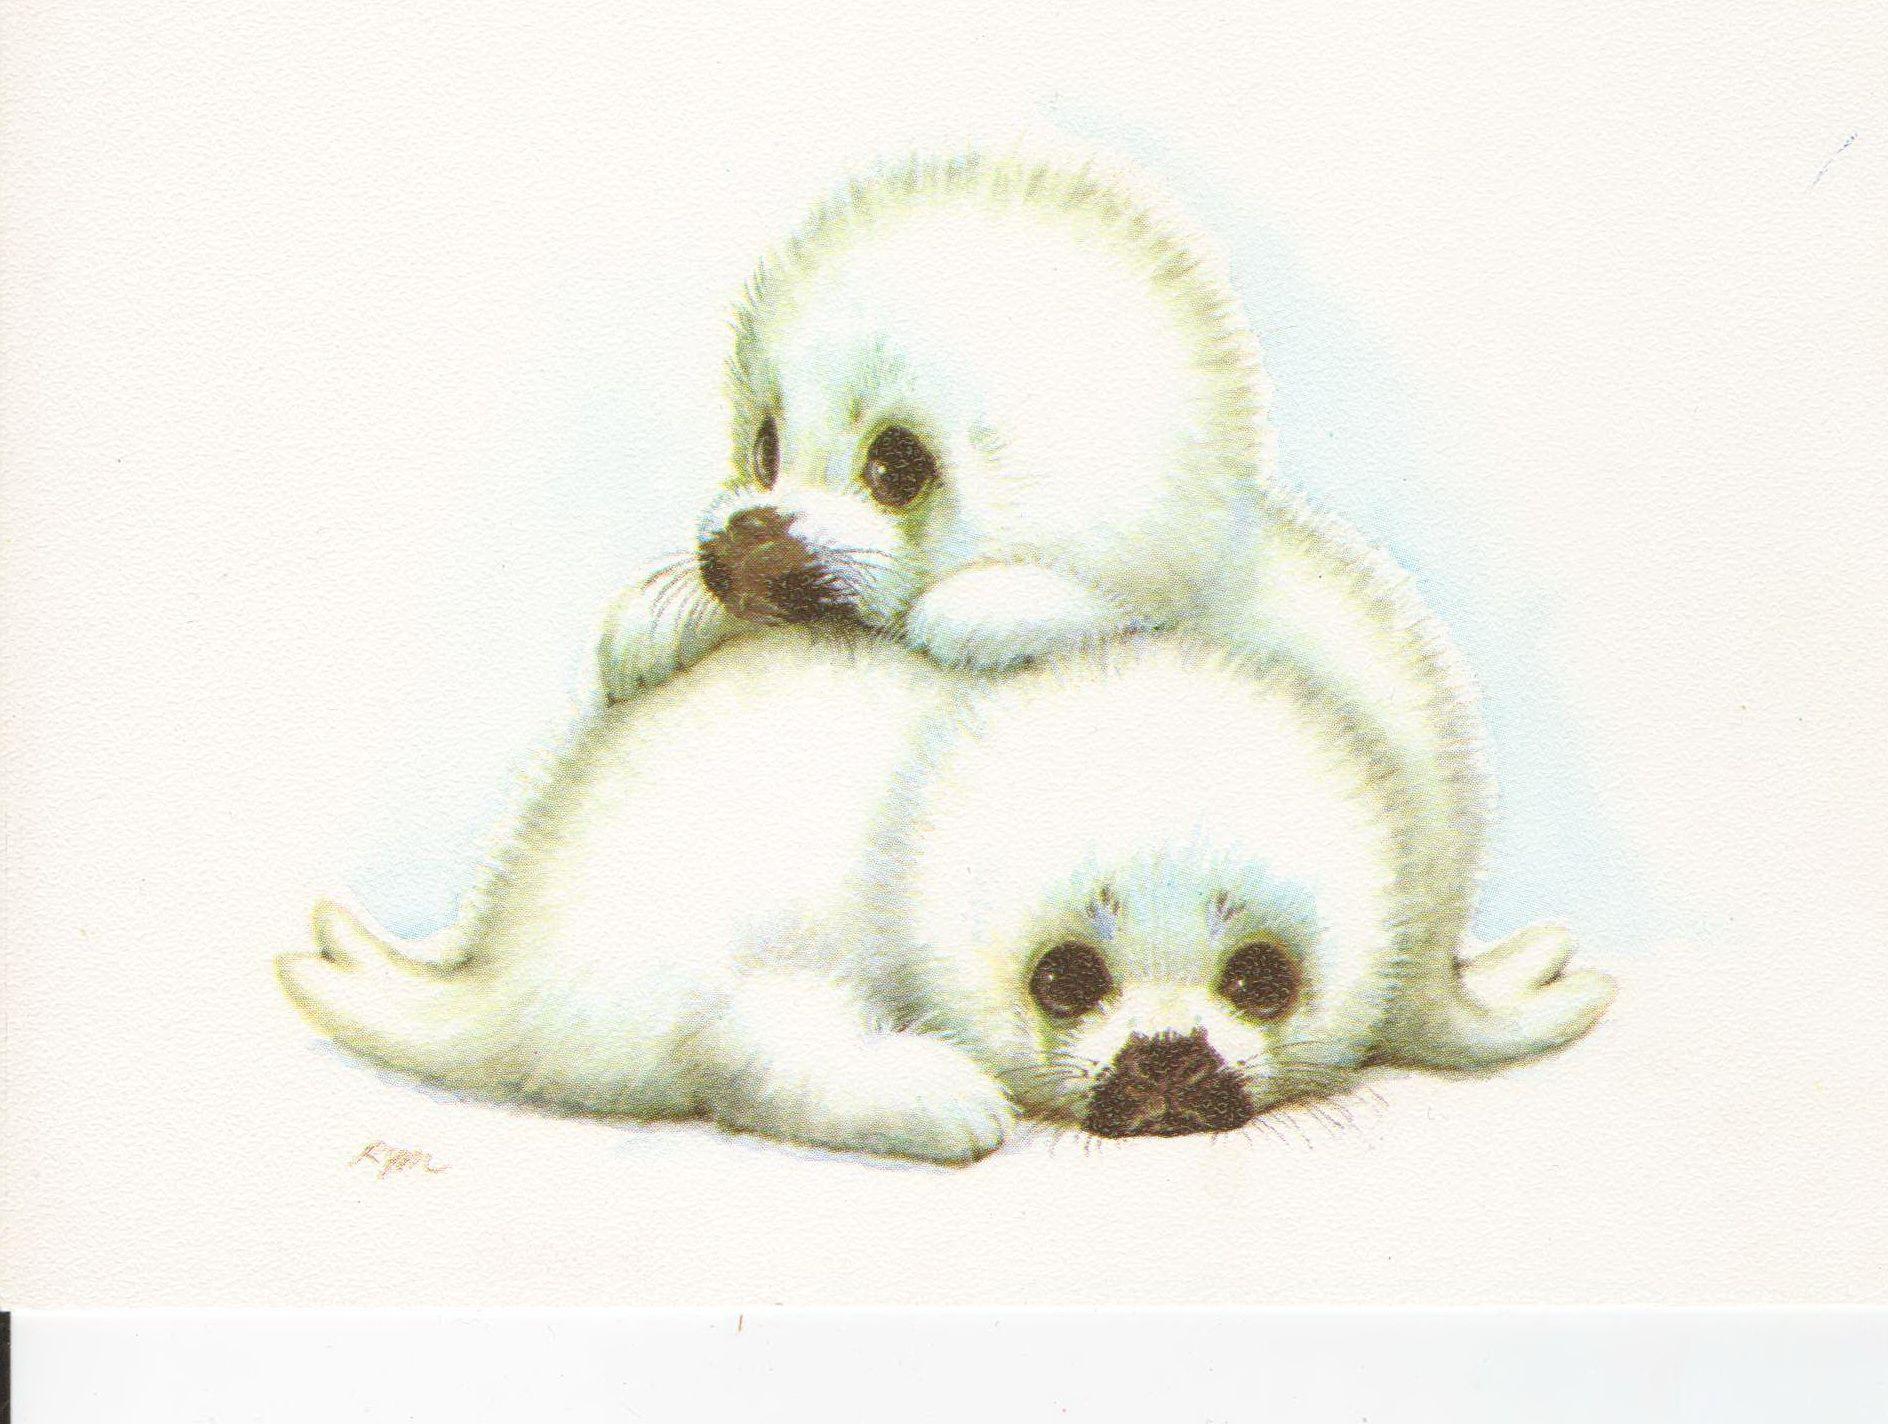 примеры картинки зверюшек для рисования юности родители внушали